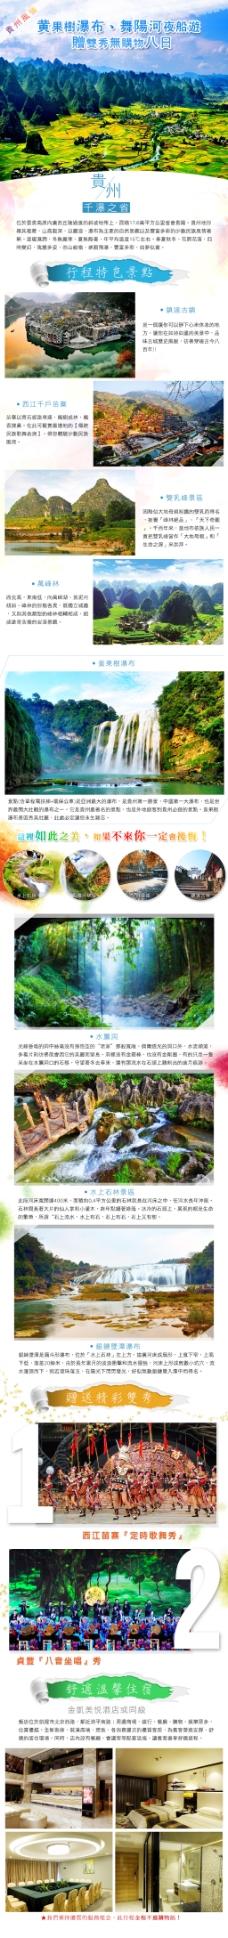 排版設計--旅遊產品宣傳04